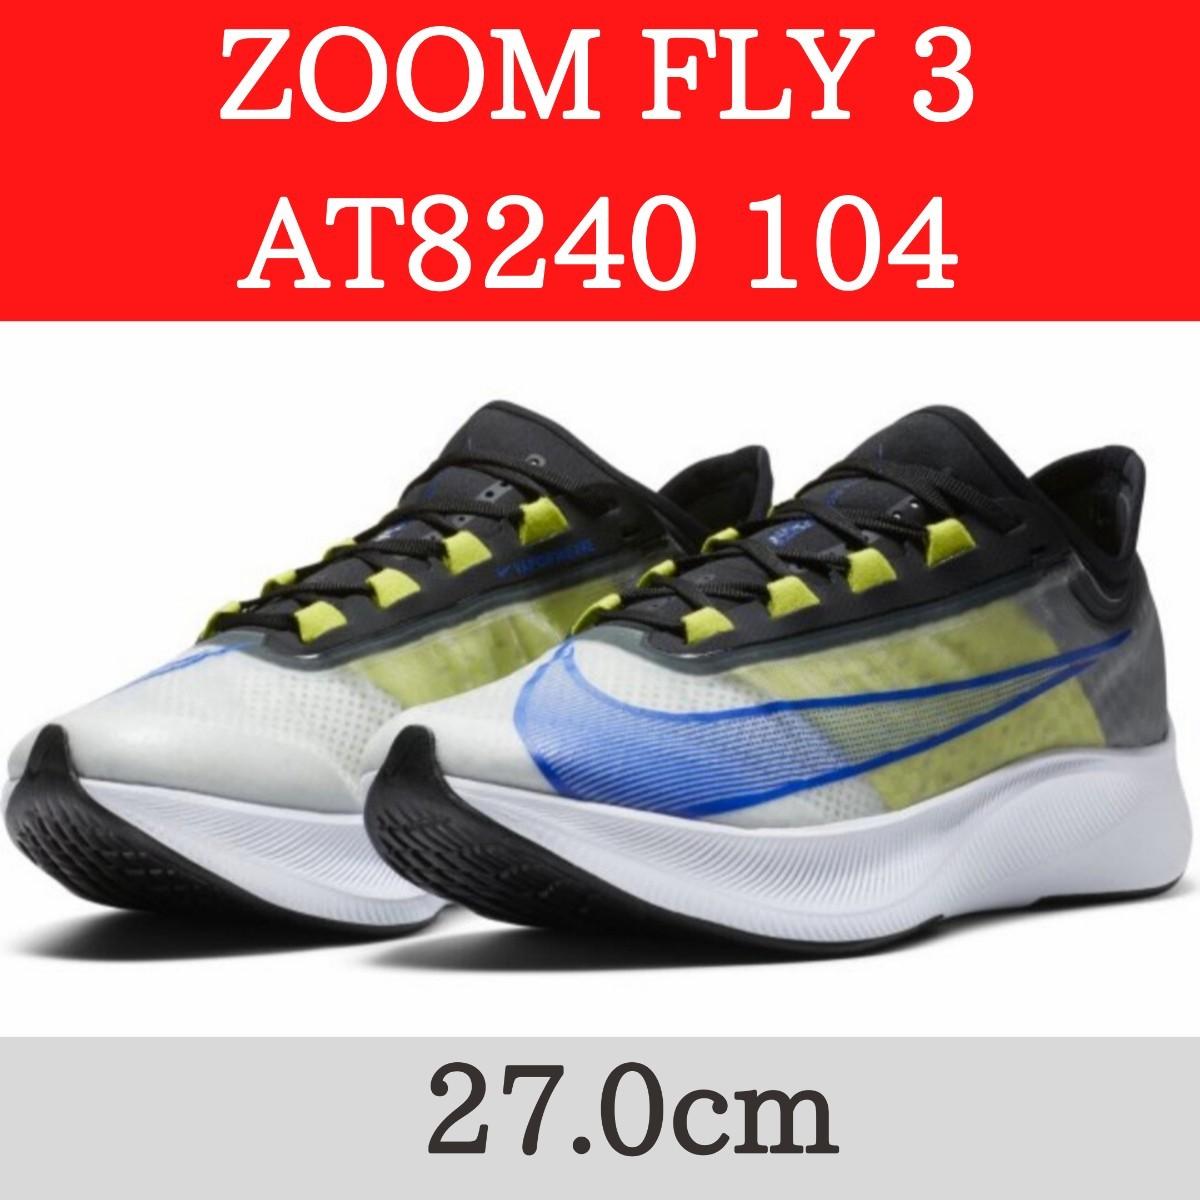 ナイキ ズーム フライ 3 ZOOM FLY 3 AT8240 104  ホワイト×ブルー 27cm